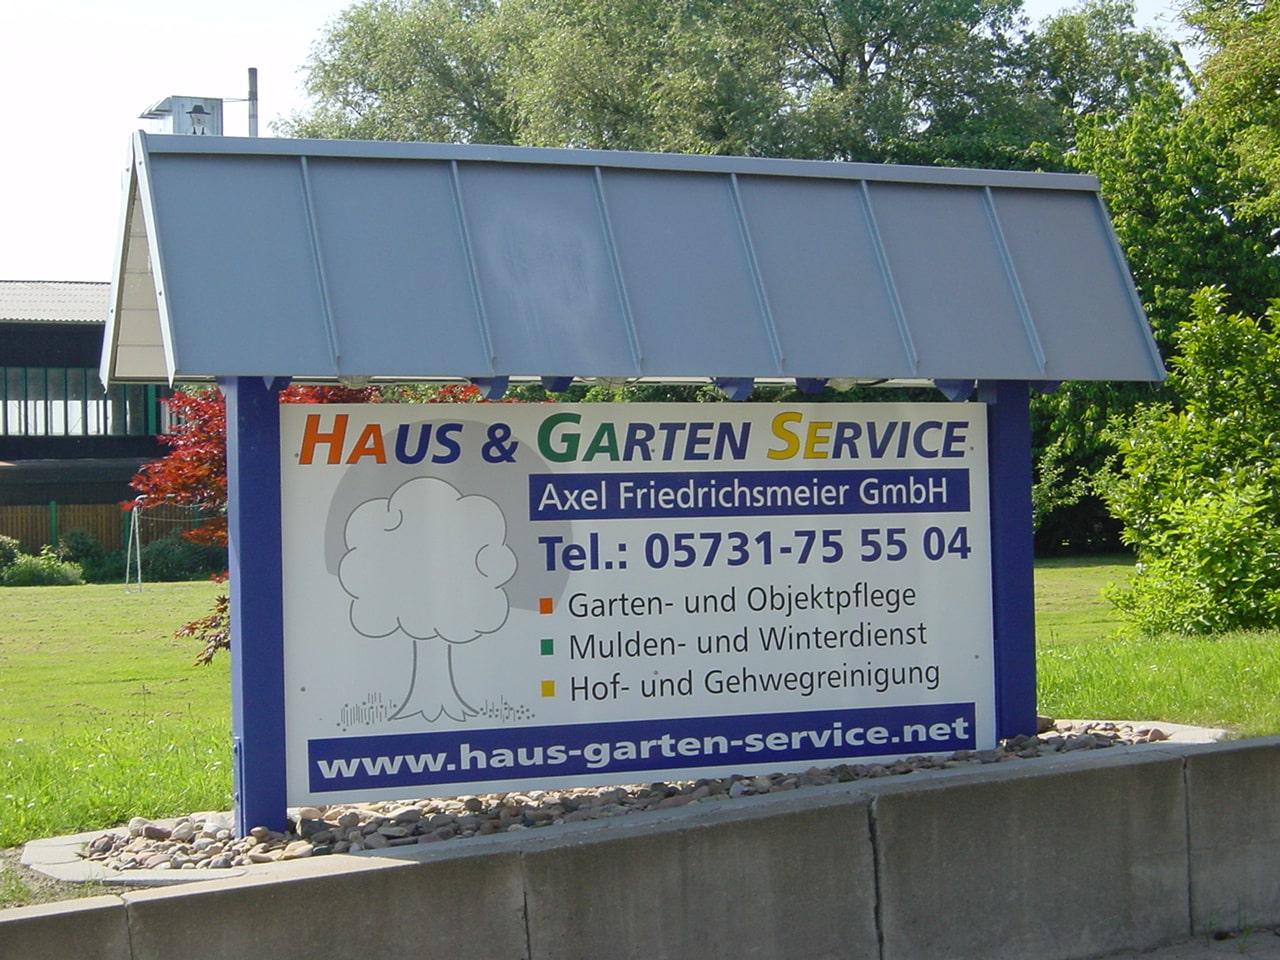 Haus Garten Service Bad Oeynhausen